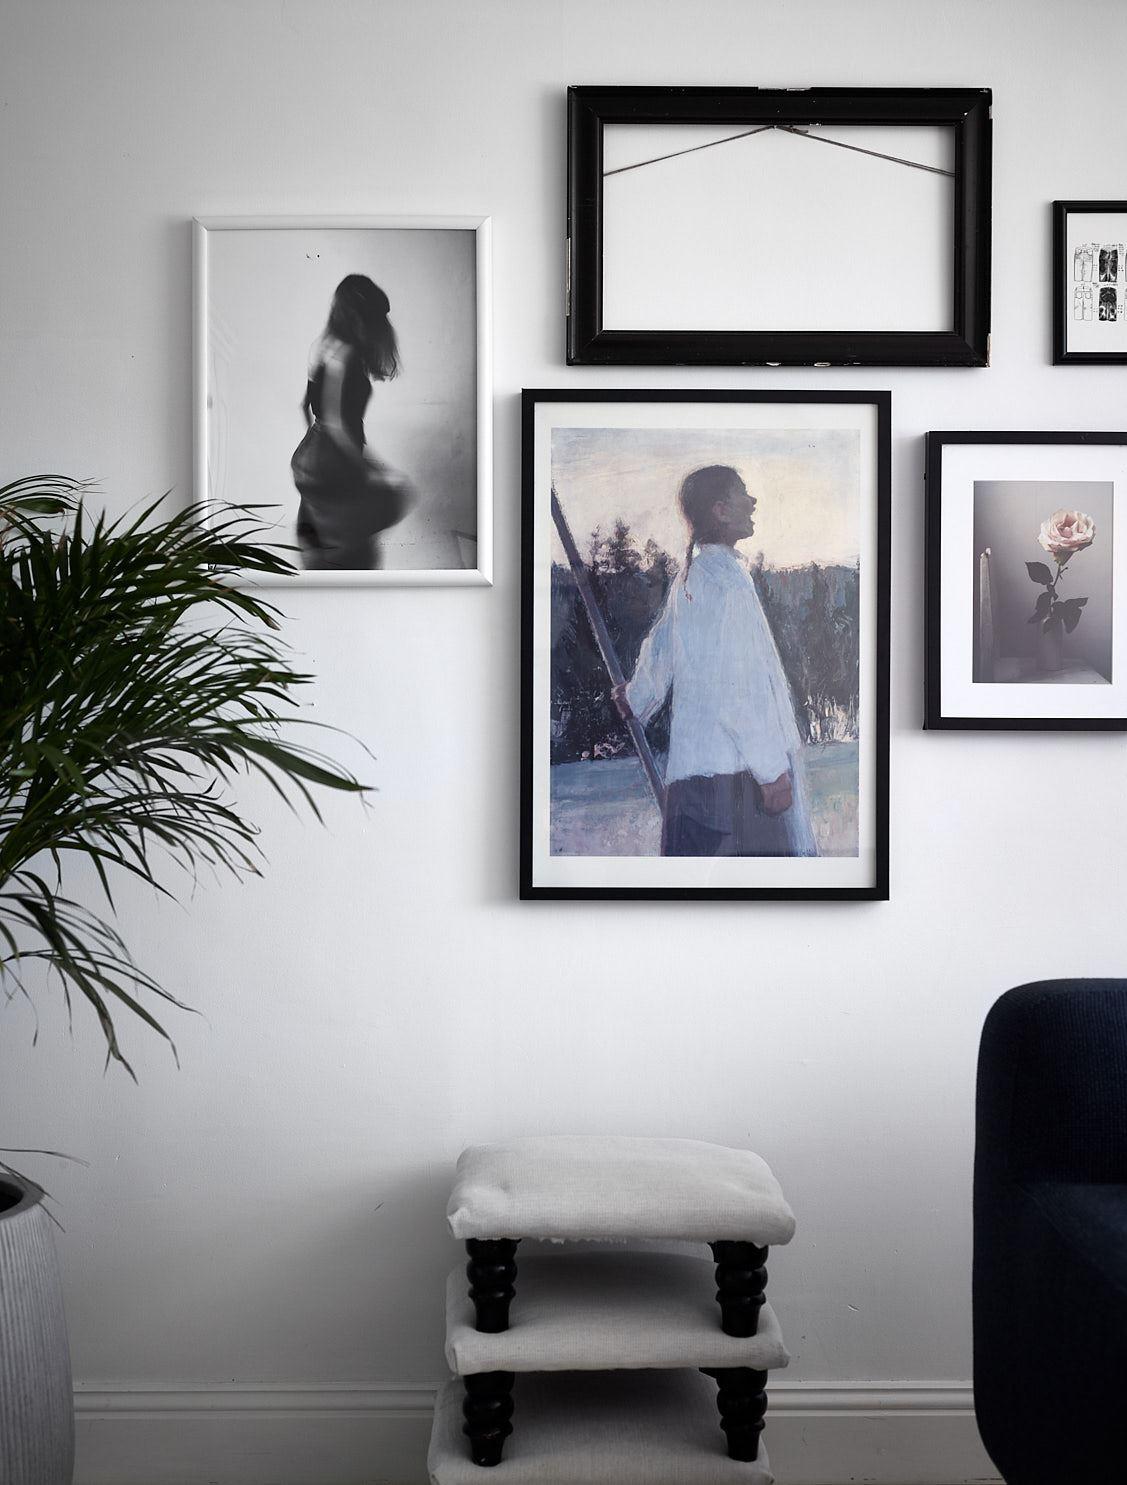 Anpassa bildstorlek efter skärm